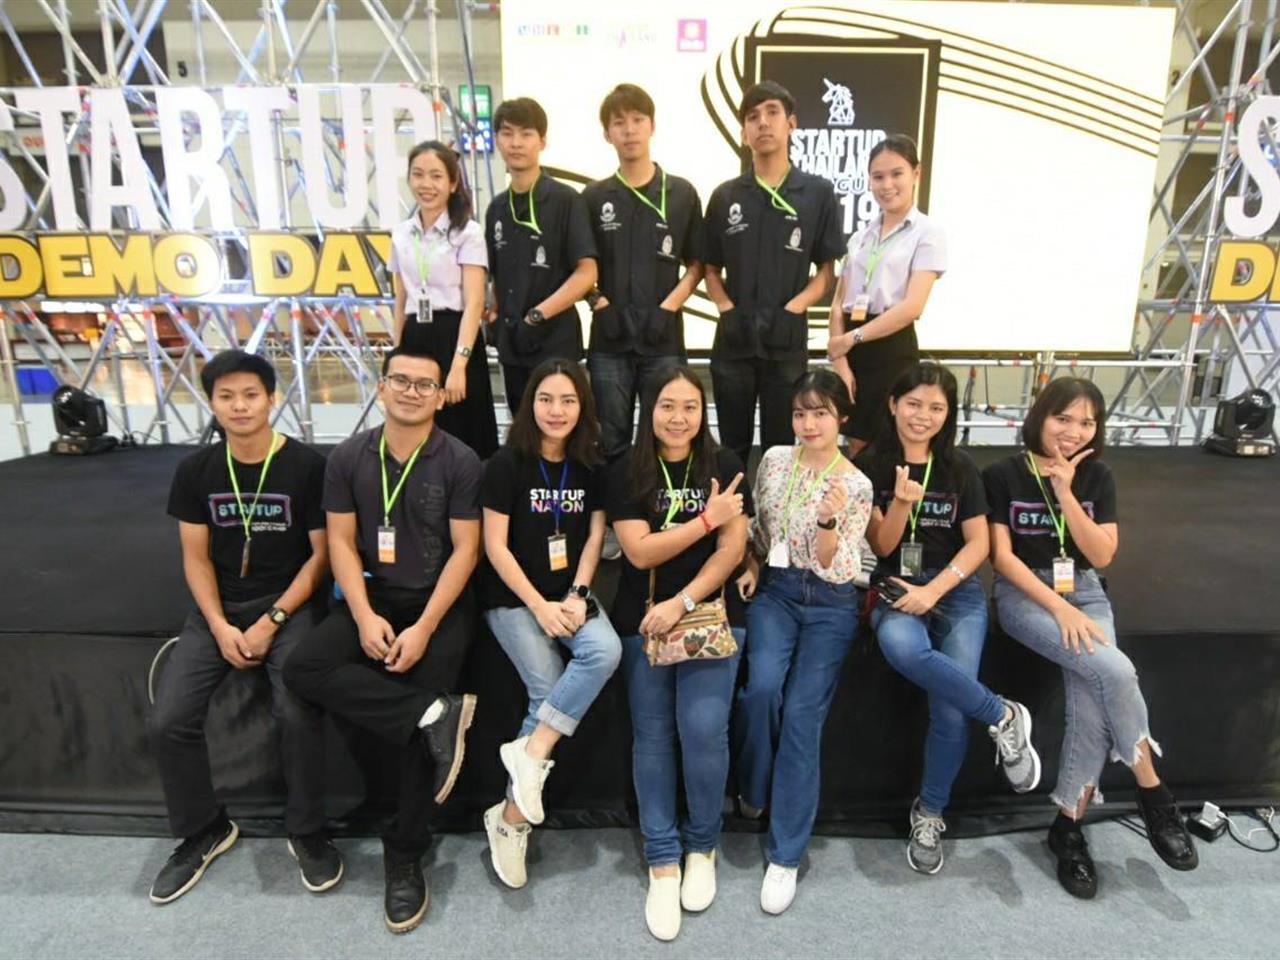 สถาบันนวัตกรรมและถ่ายทอดเทคโนโลยี มหาวิทยาลัยพะเยา (UPITI) นำทีมนิสิต Startup คว้ารางวัลพัฒนาต้นแบบ 100,000 บาท ในงาน Startup Thailand League : DEMO DAY 2019